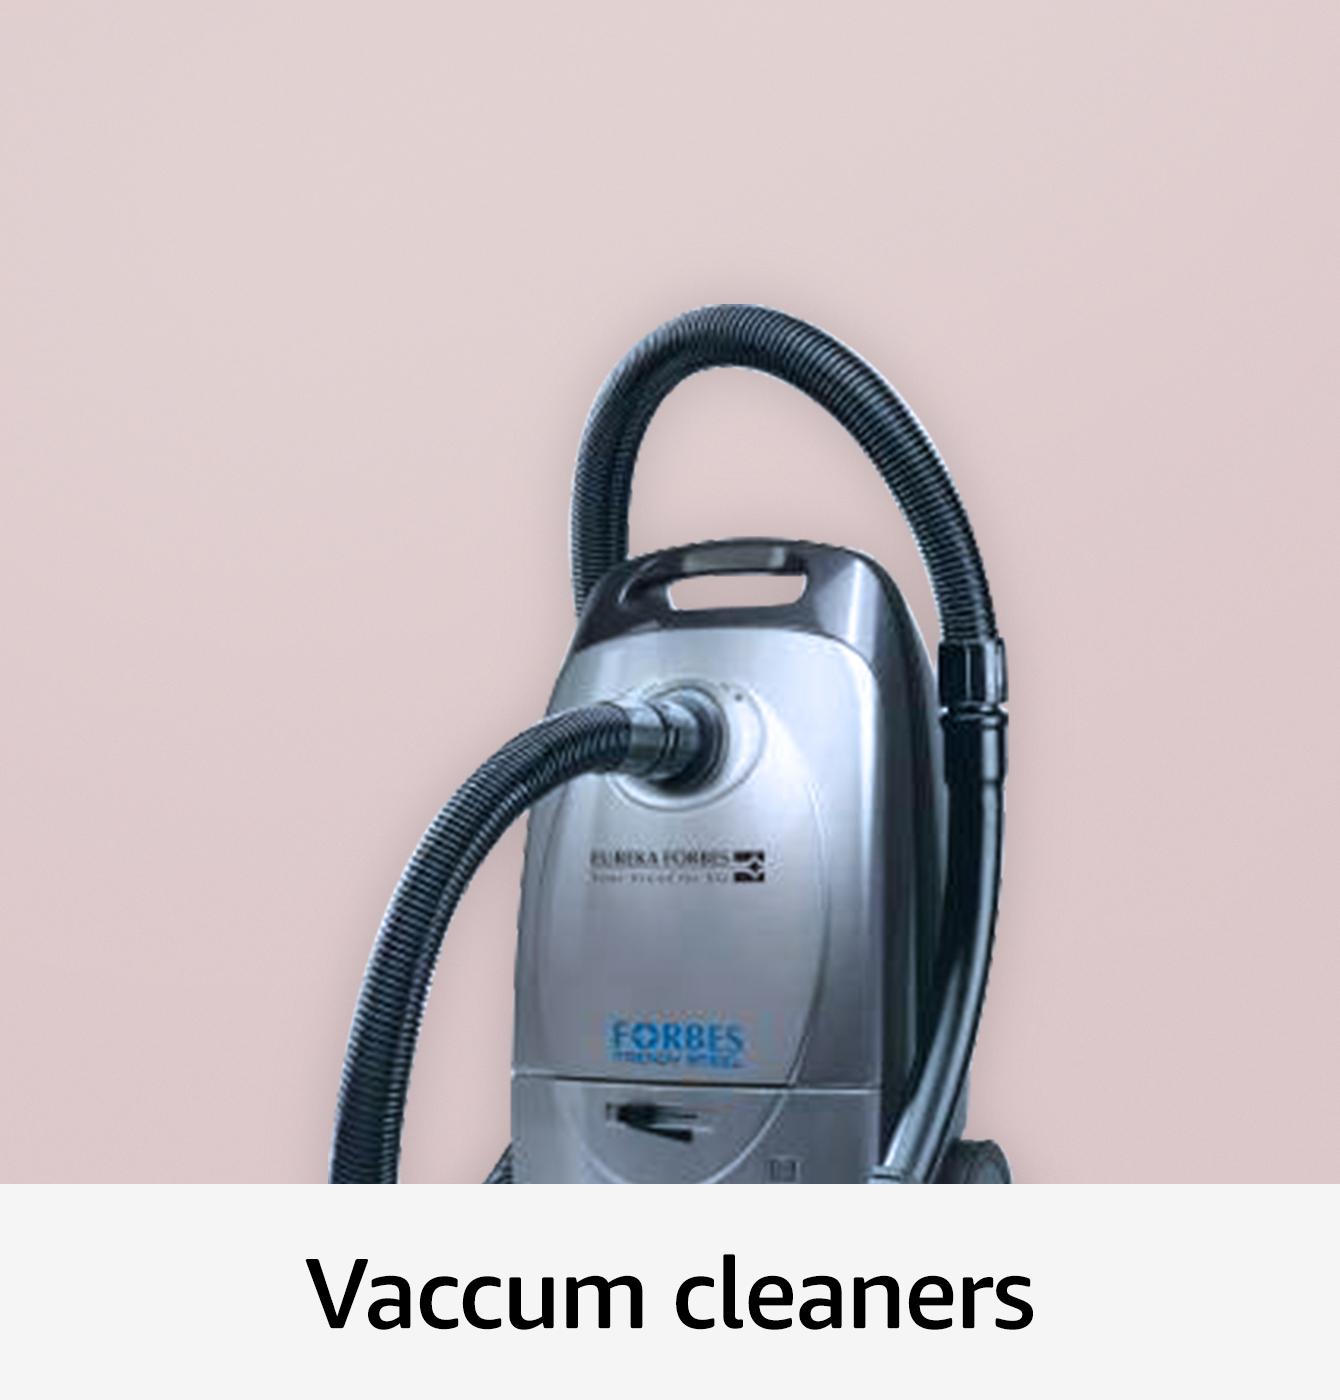 05_Vaccum_cleaner_1340x1400